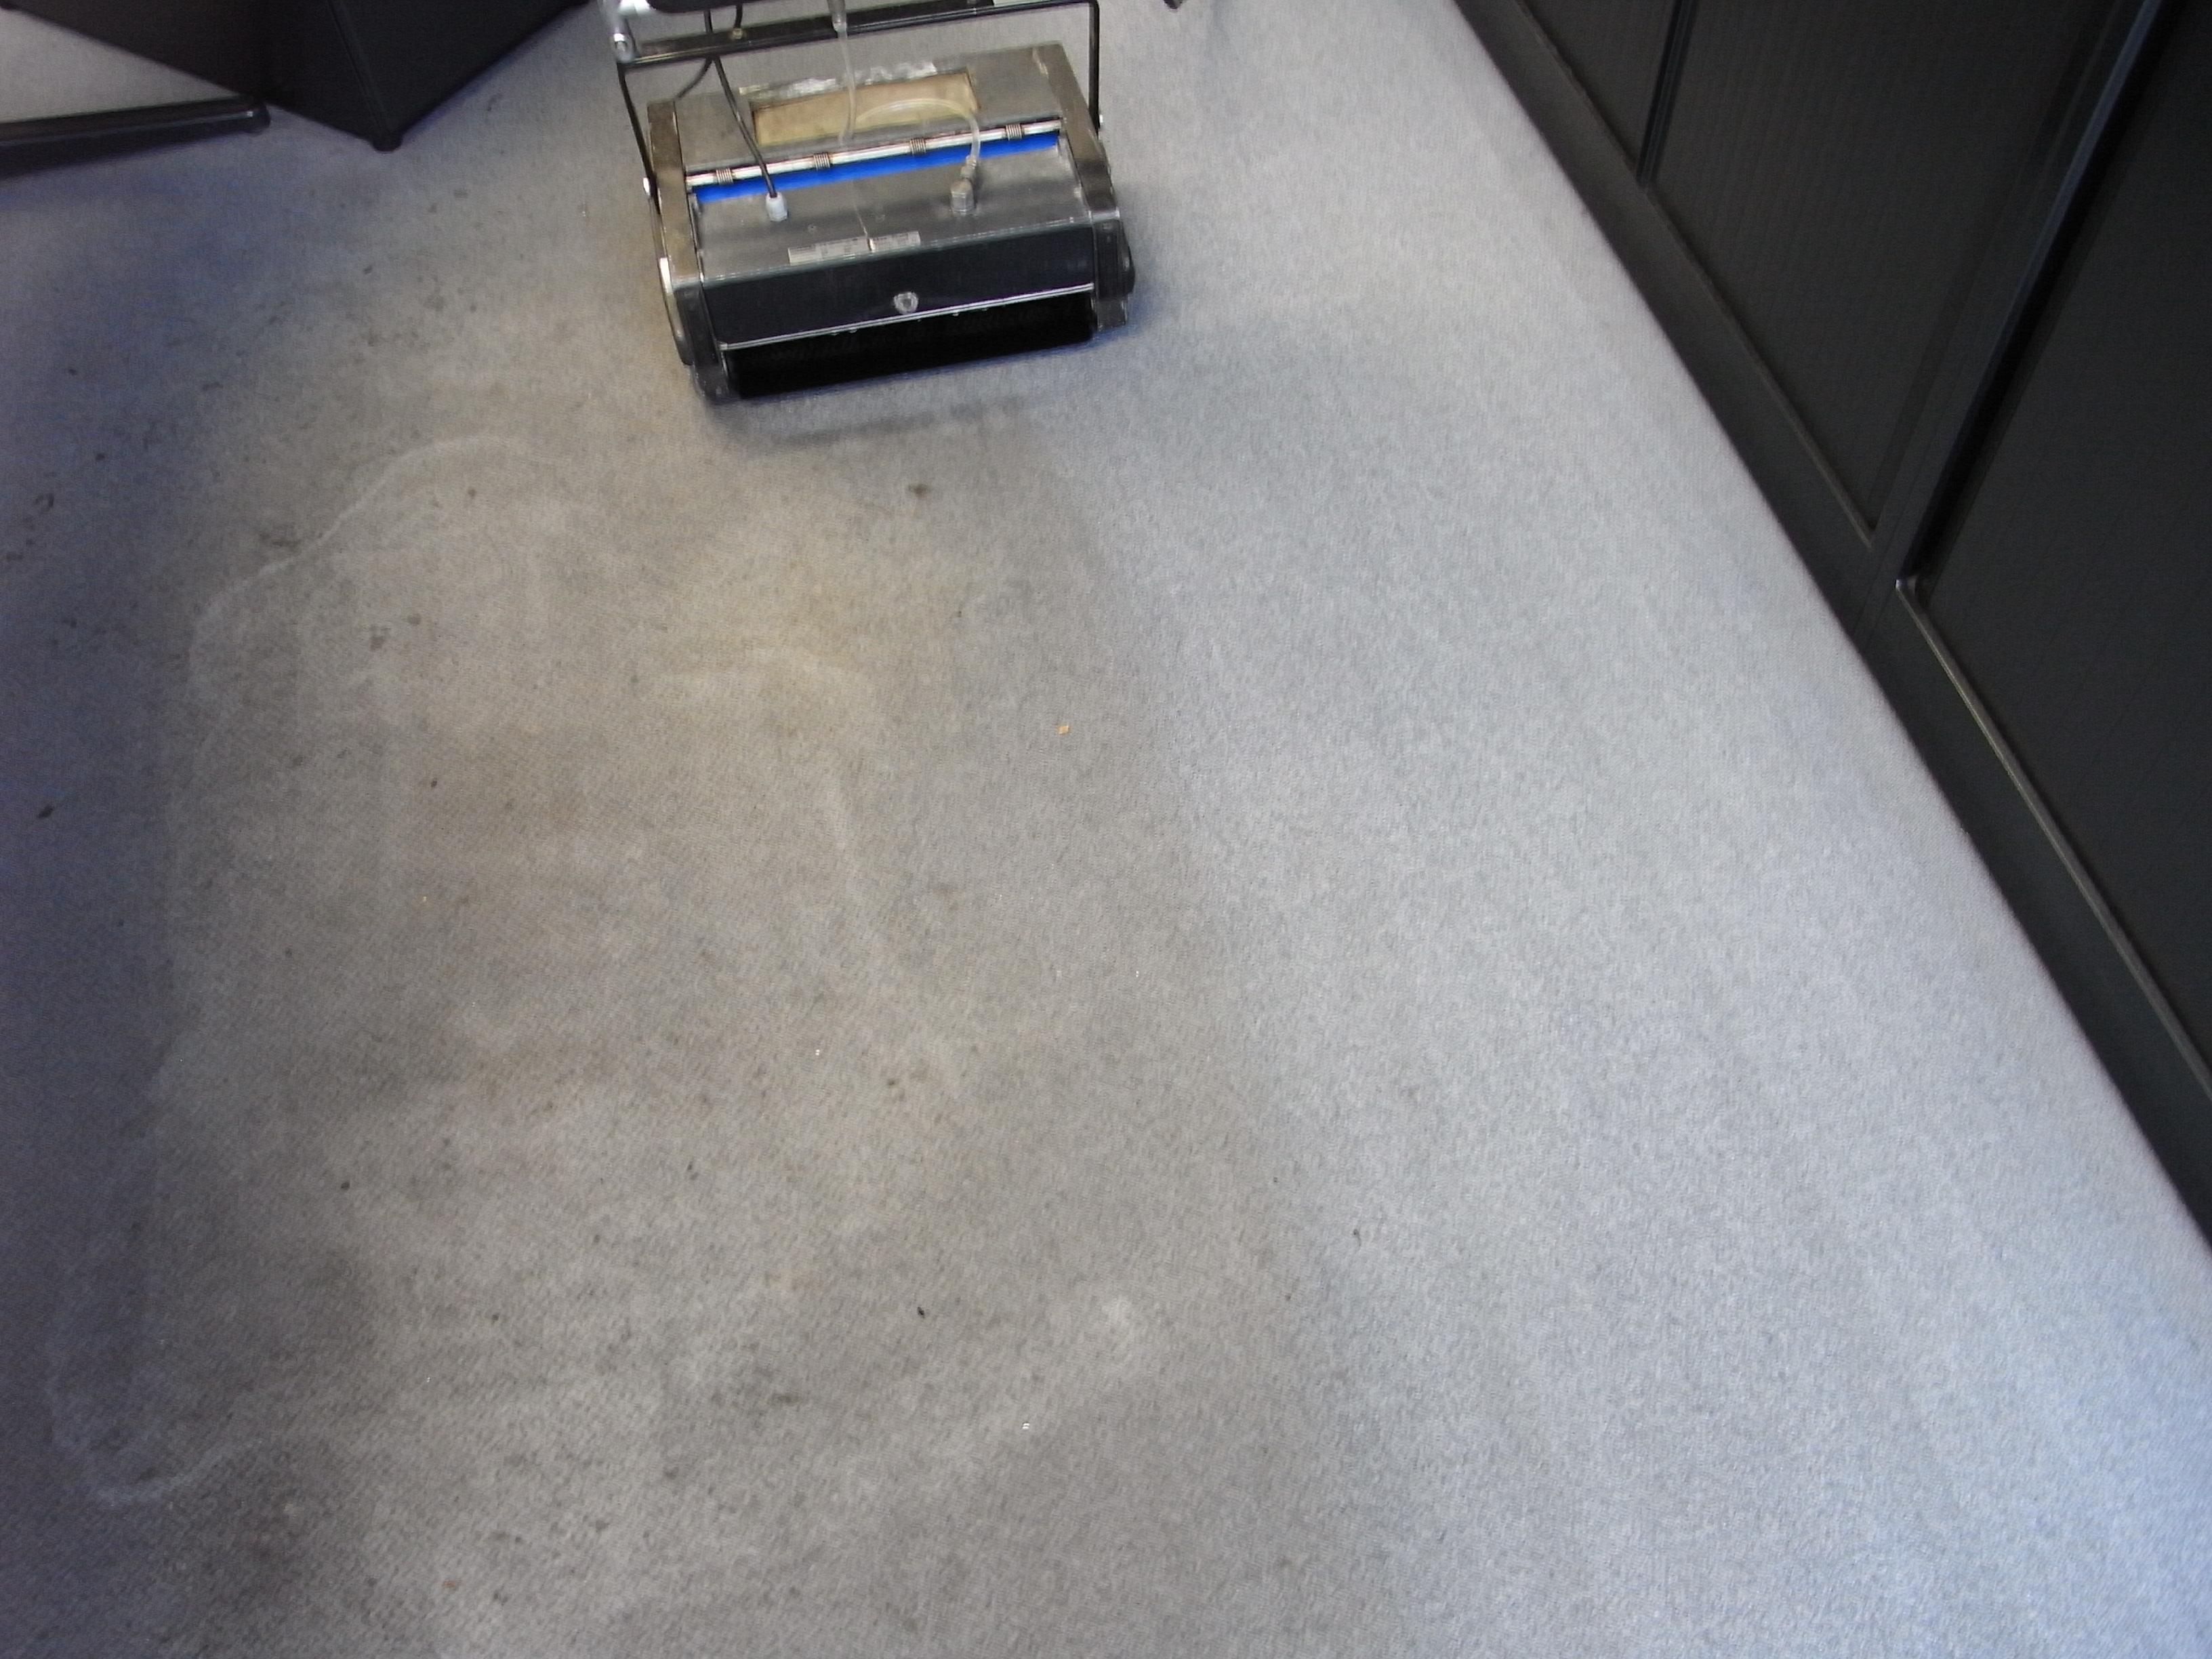 grundreinigung vs neuverlegung von teppichboden meier schultz gbr die bodenreinigungs profis. Black Bedroom Furniture Sets. Home Design Ideas